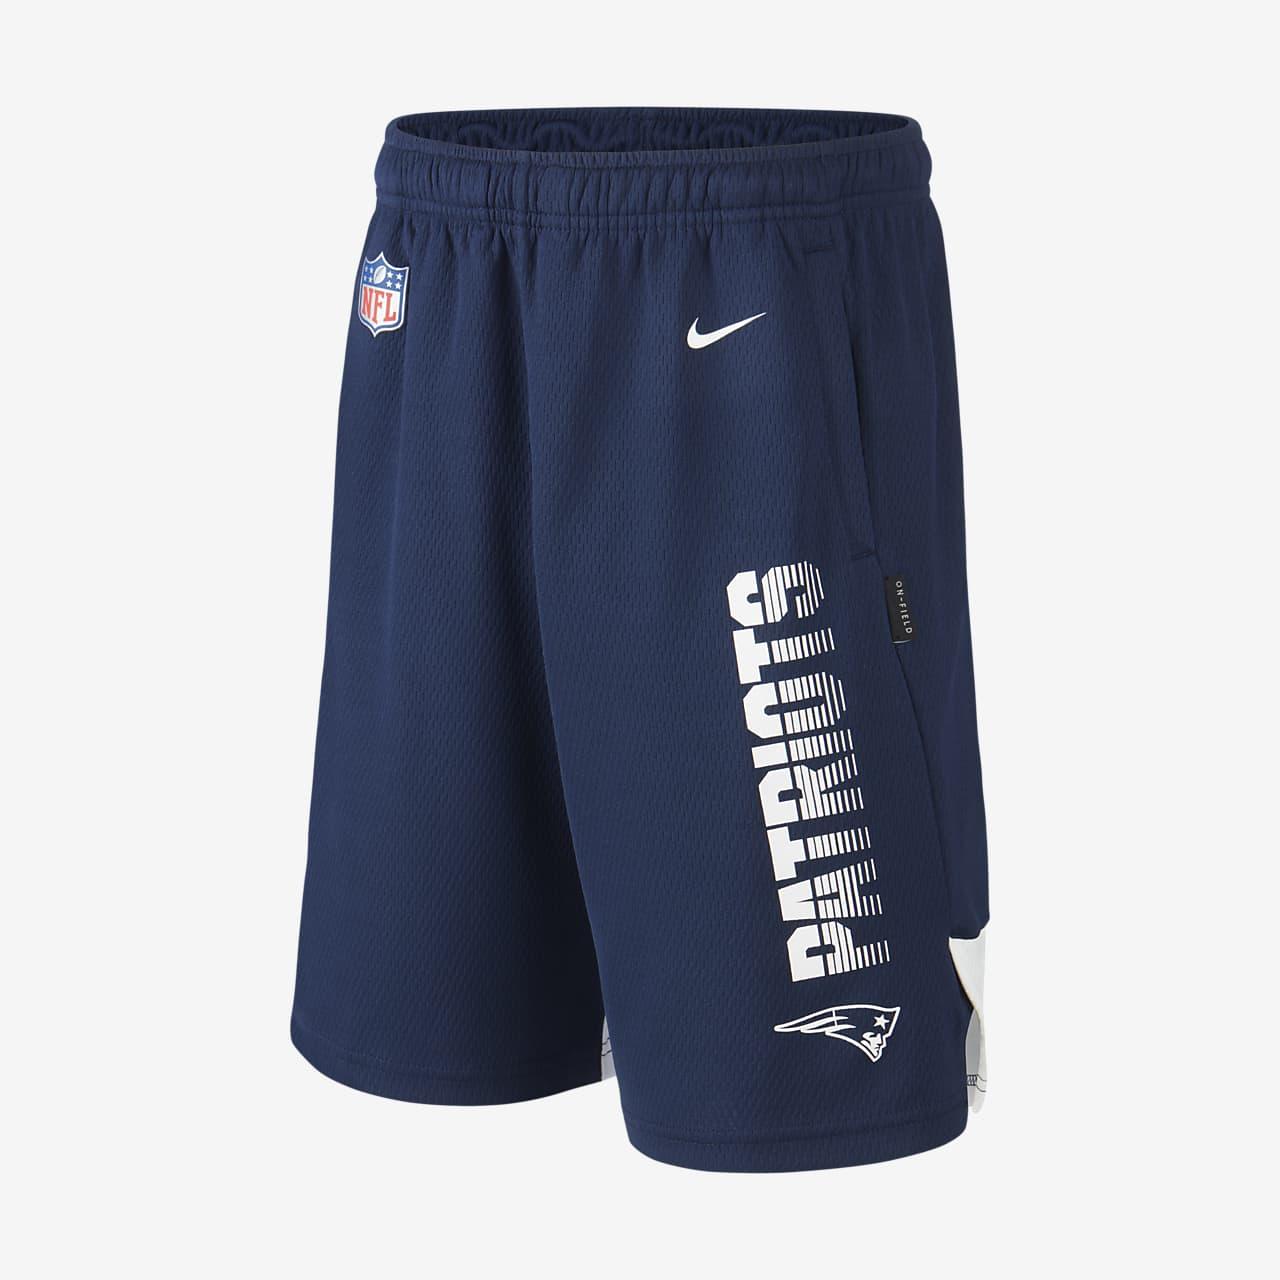 Nike (NFL Patriots) Older Kids' Shorts